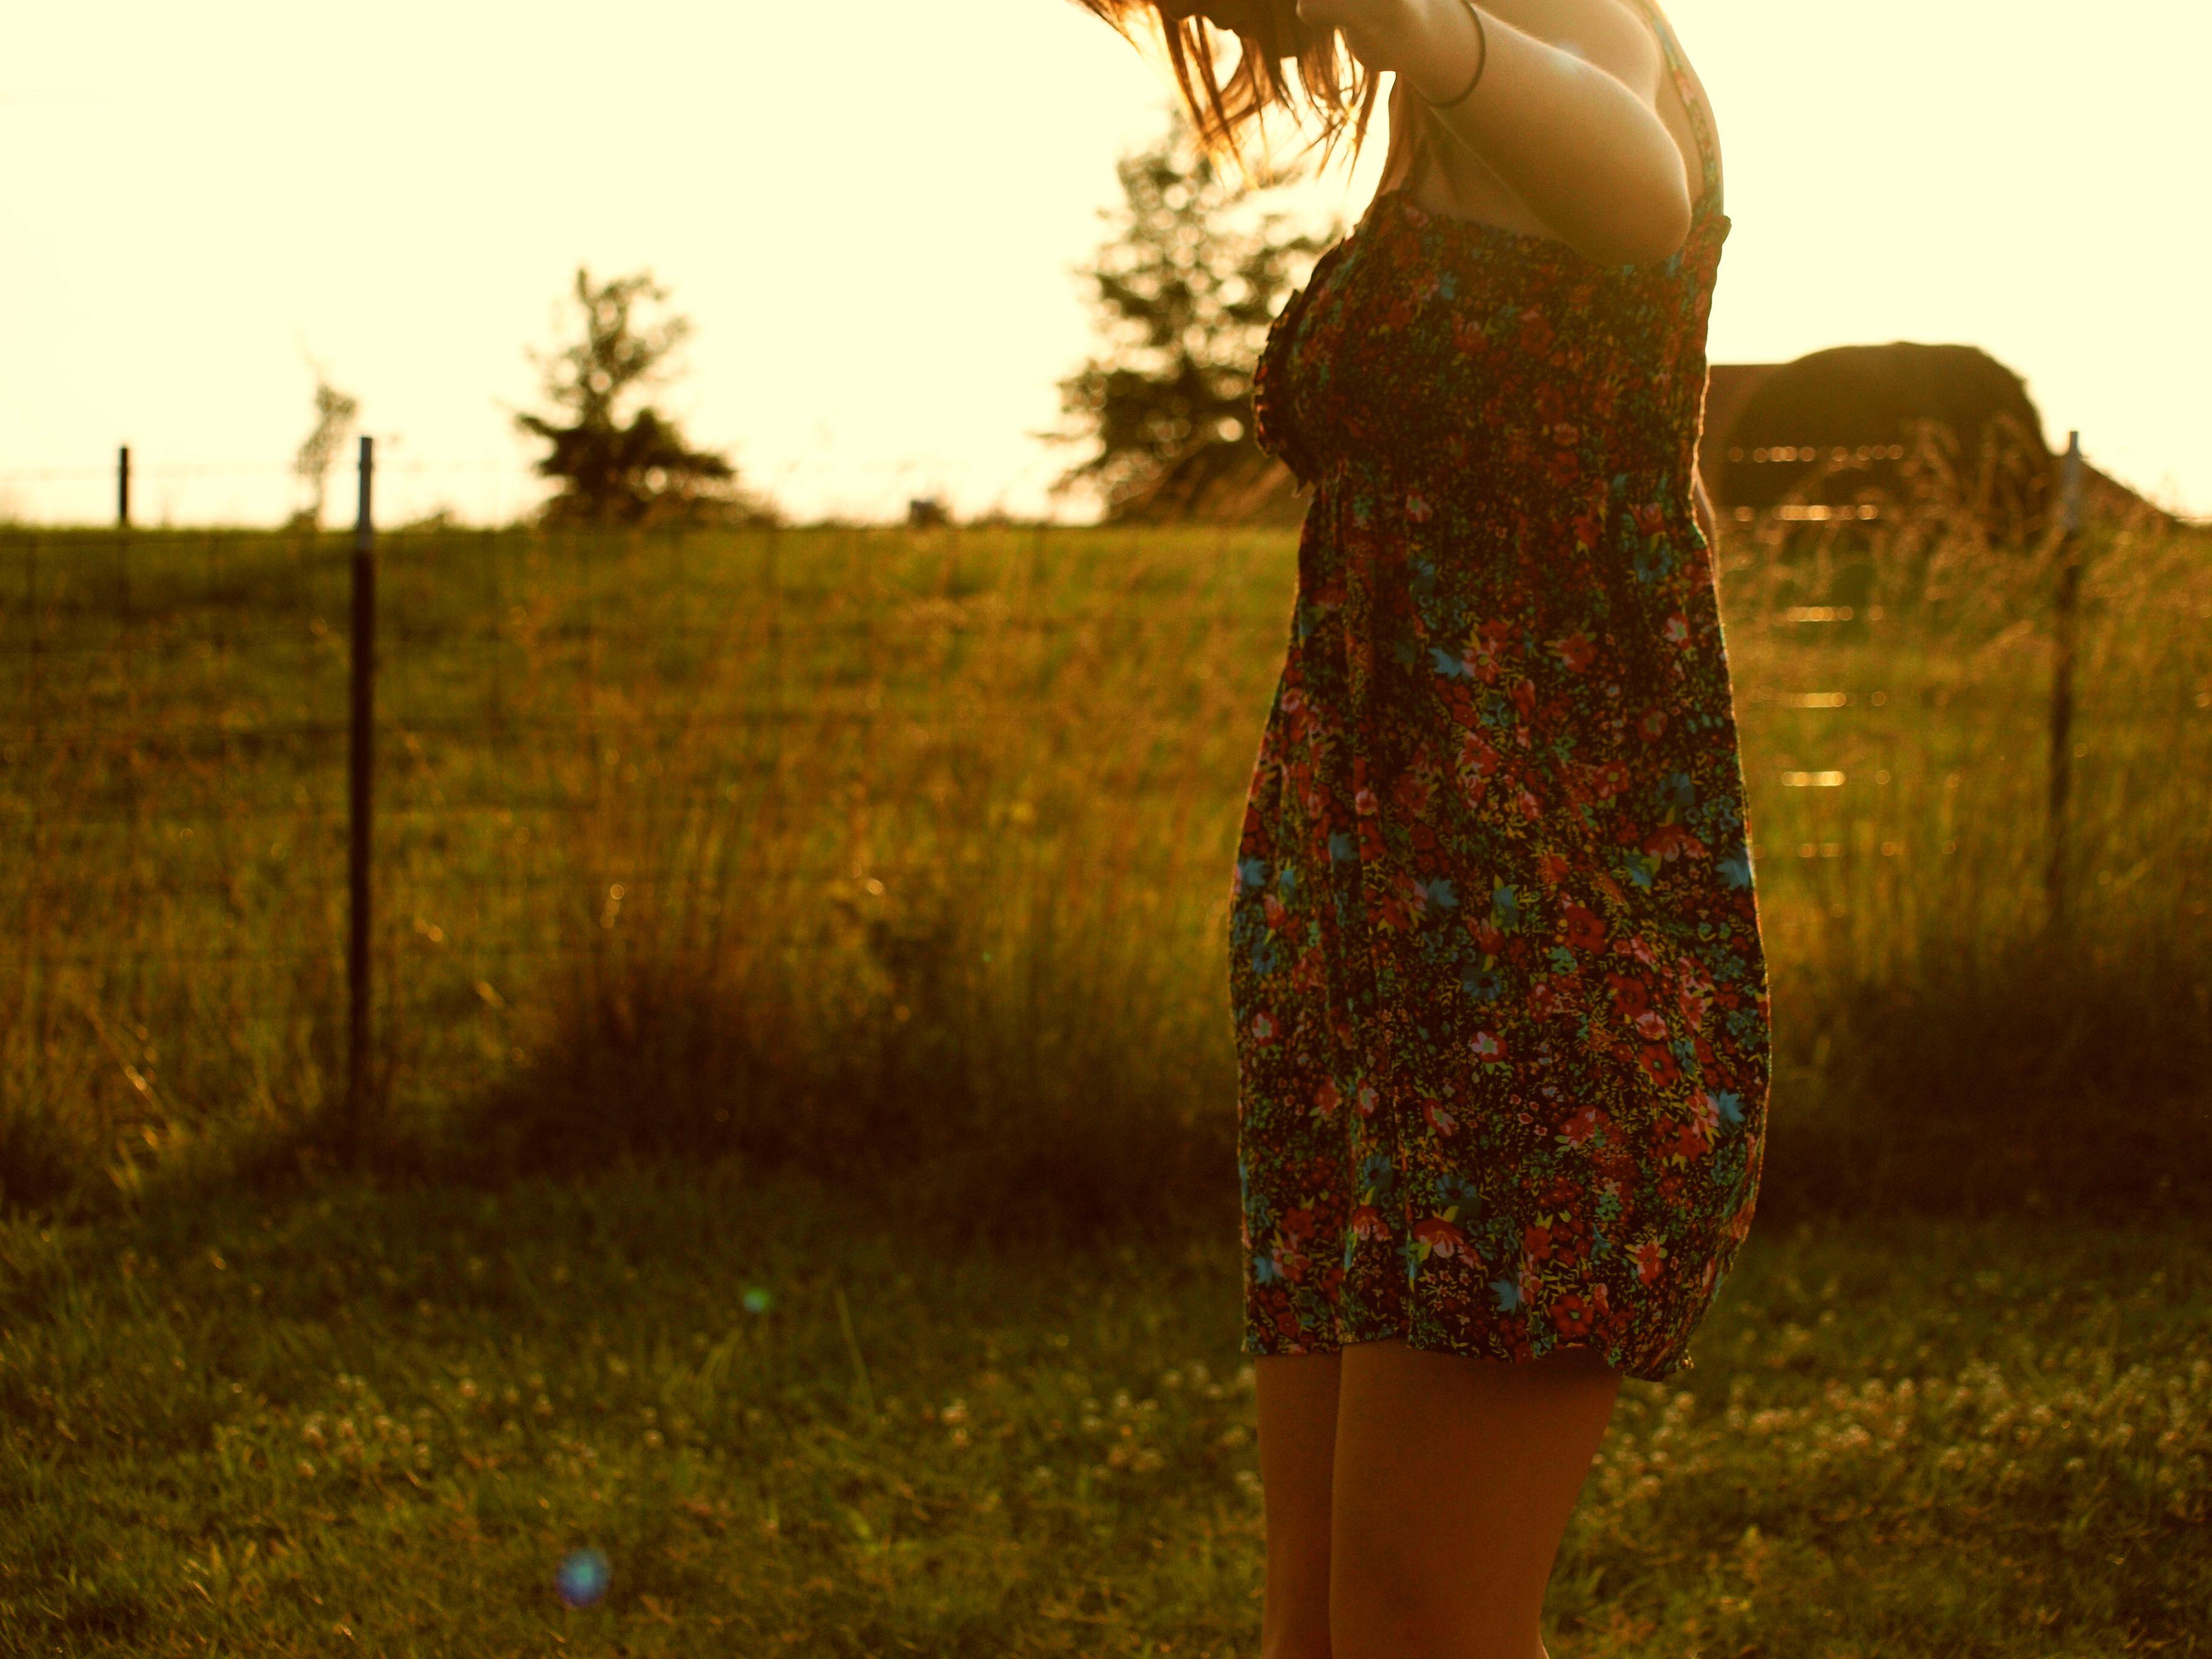 Картинка полненькой девушки со спины